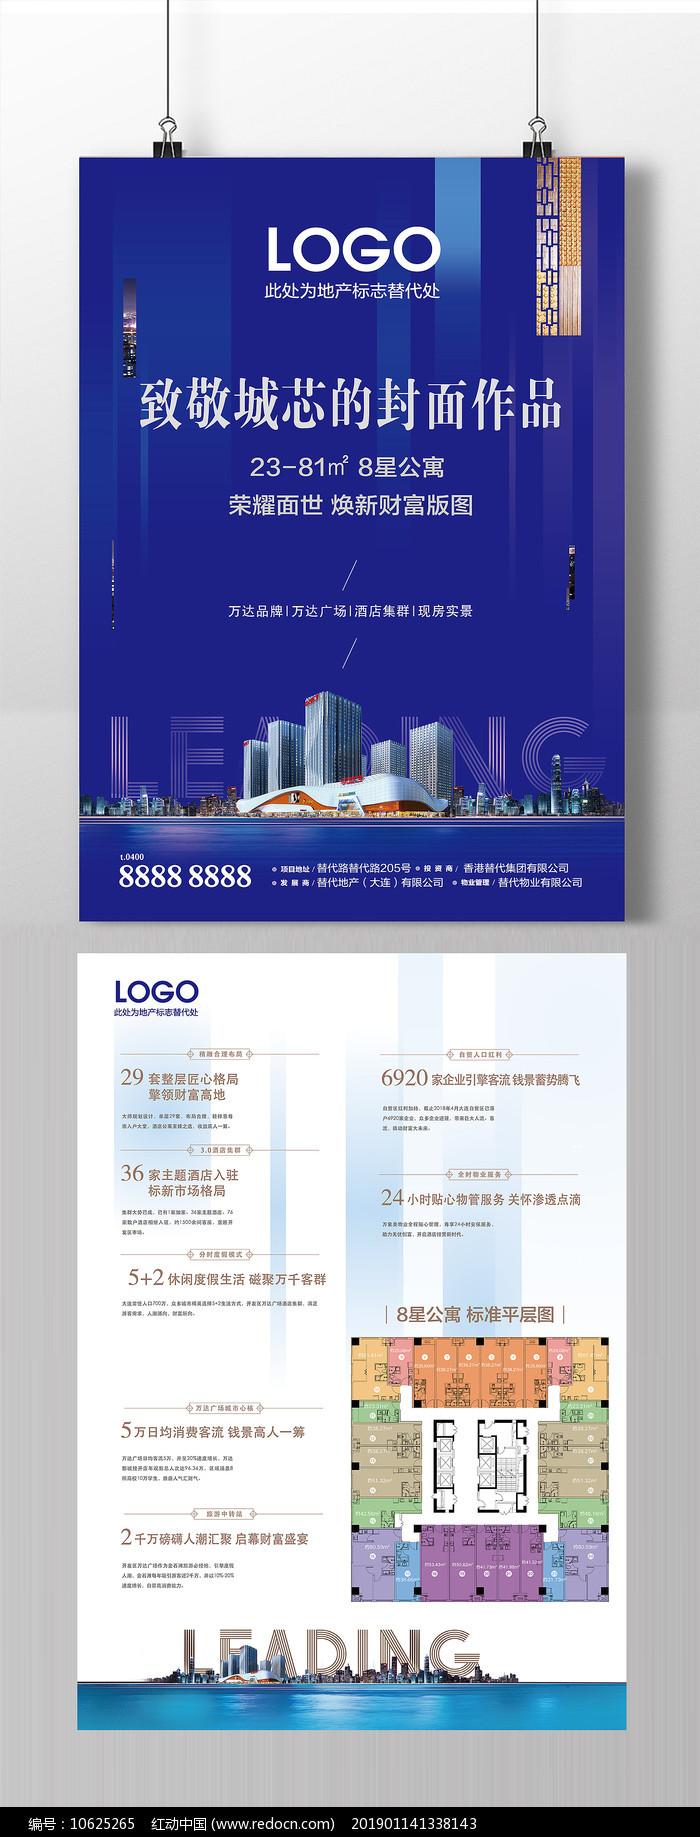 蓝色精致房地产广告宣传海报设计图片